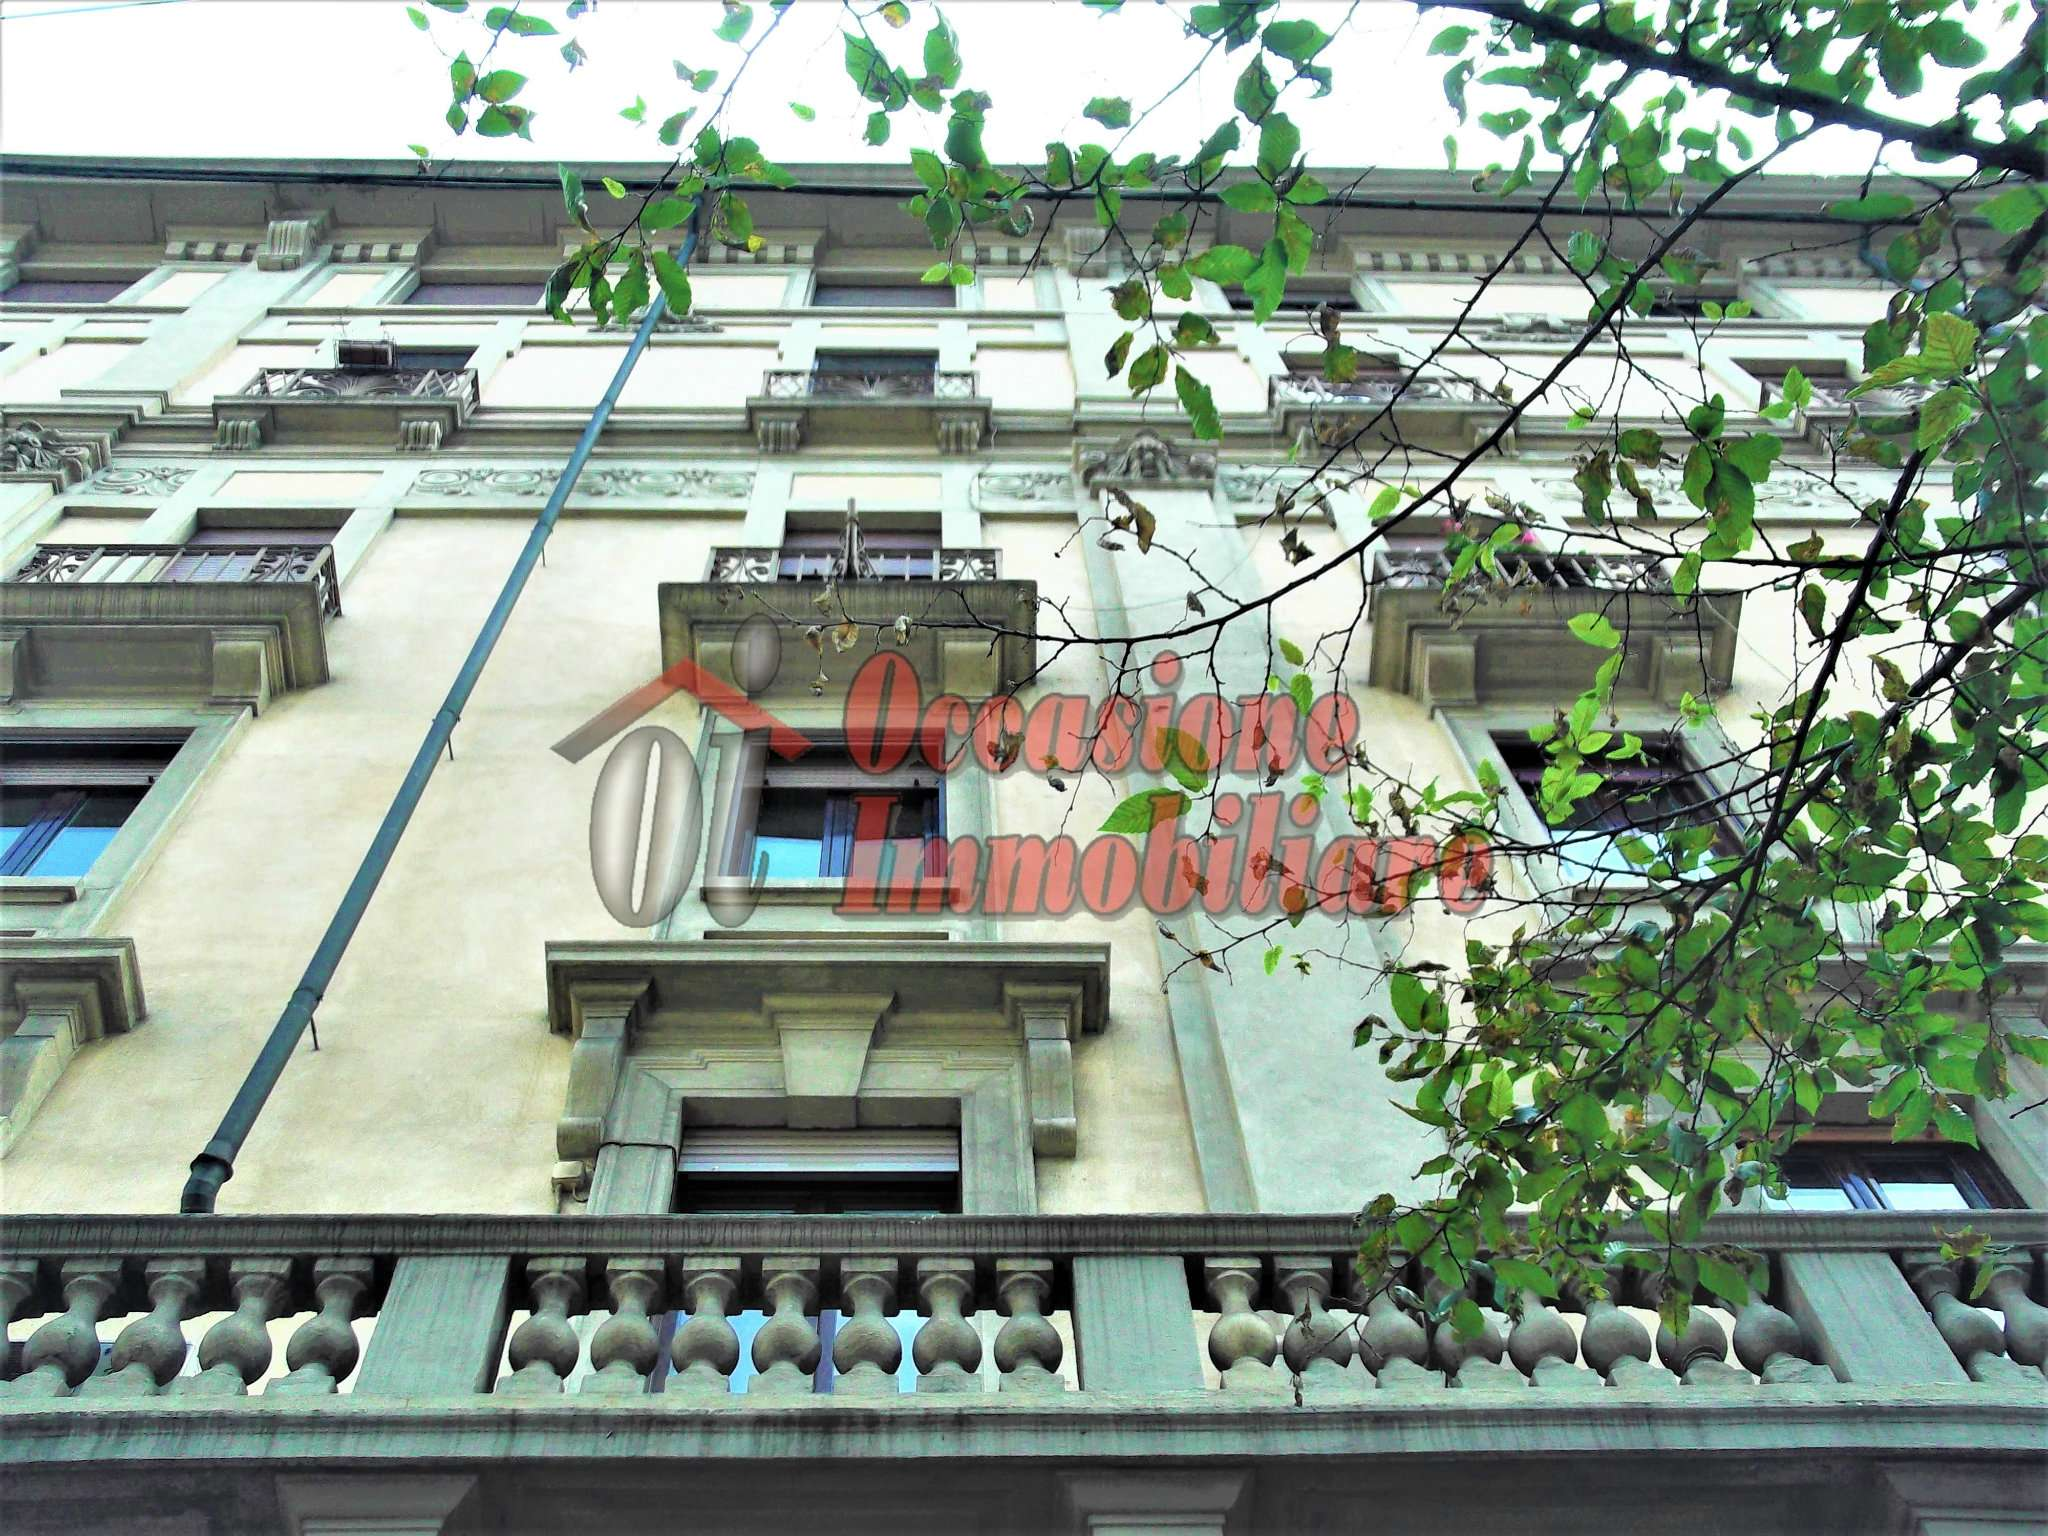 Appartamento in affitto a Milano, 5 locali, zona Zona: 6 . V Giornate, XXII Marzo, P.ta Romana, Viale Corsica, Tribunale, Policlinico, prezzo € 2.650 | CambioCasa.it